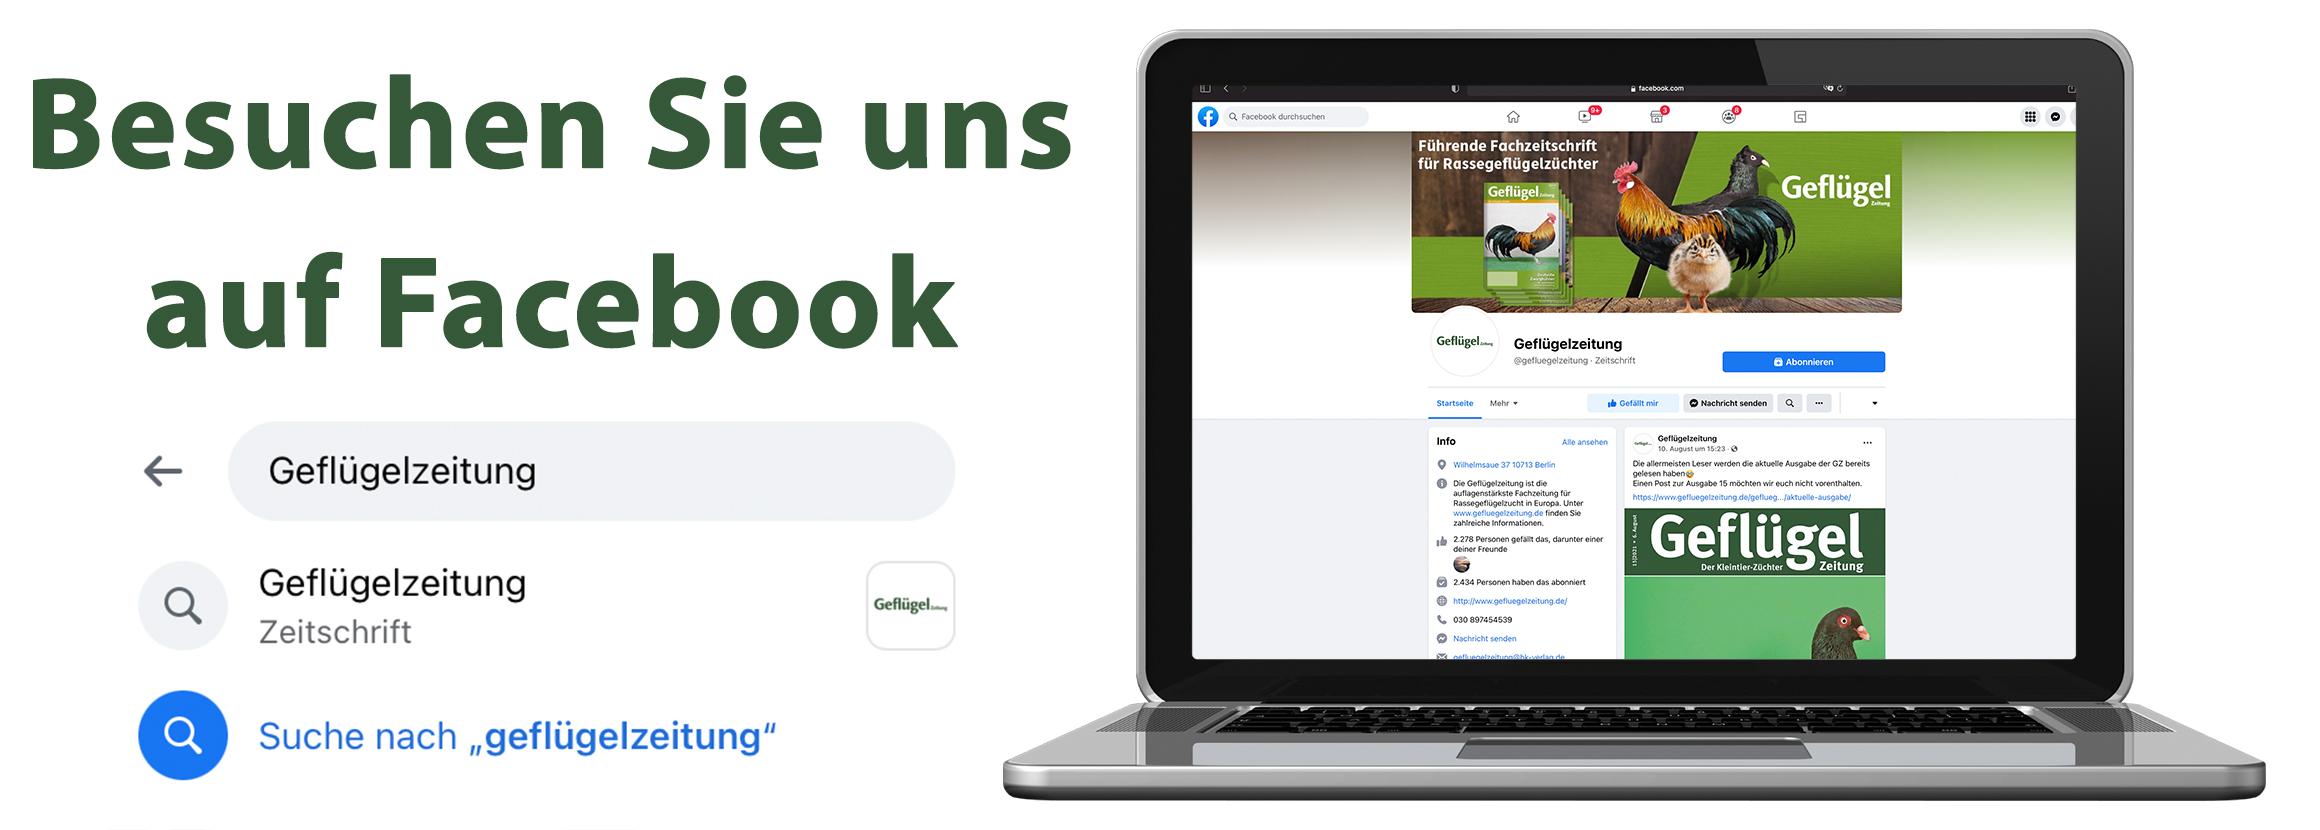 Geflügelzeitung auf Facebook